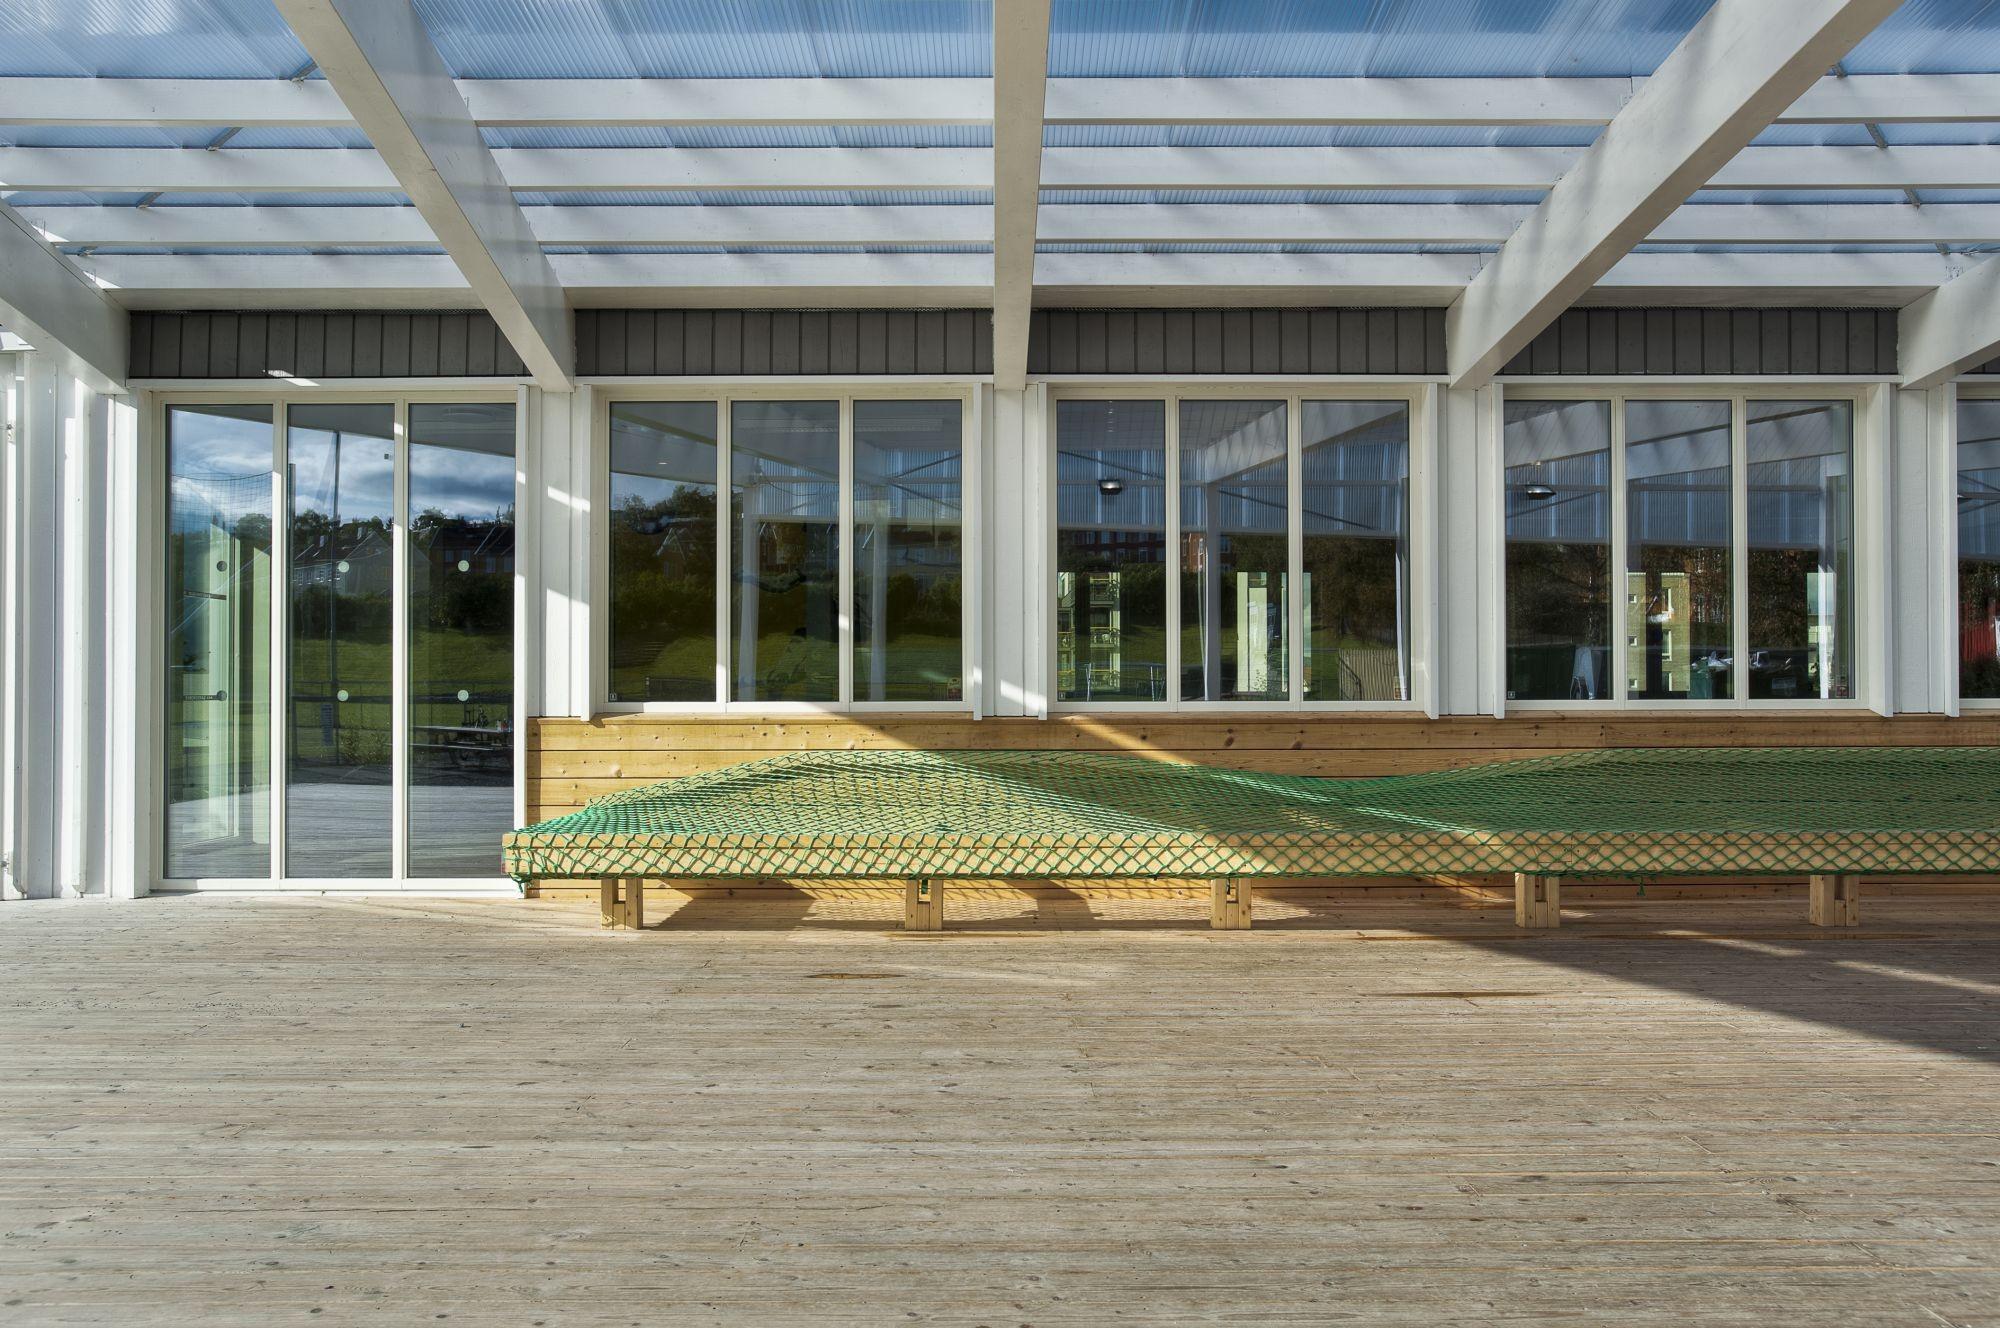 Trond clubhouse / Bjørke Arkitektur + Steffen Wellinger